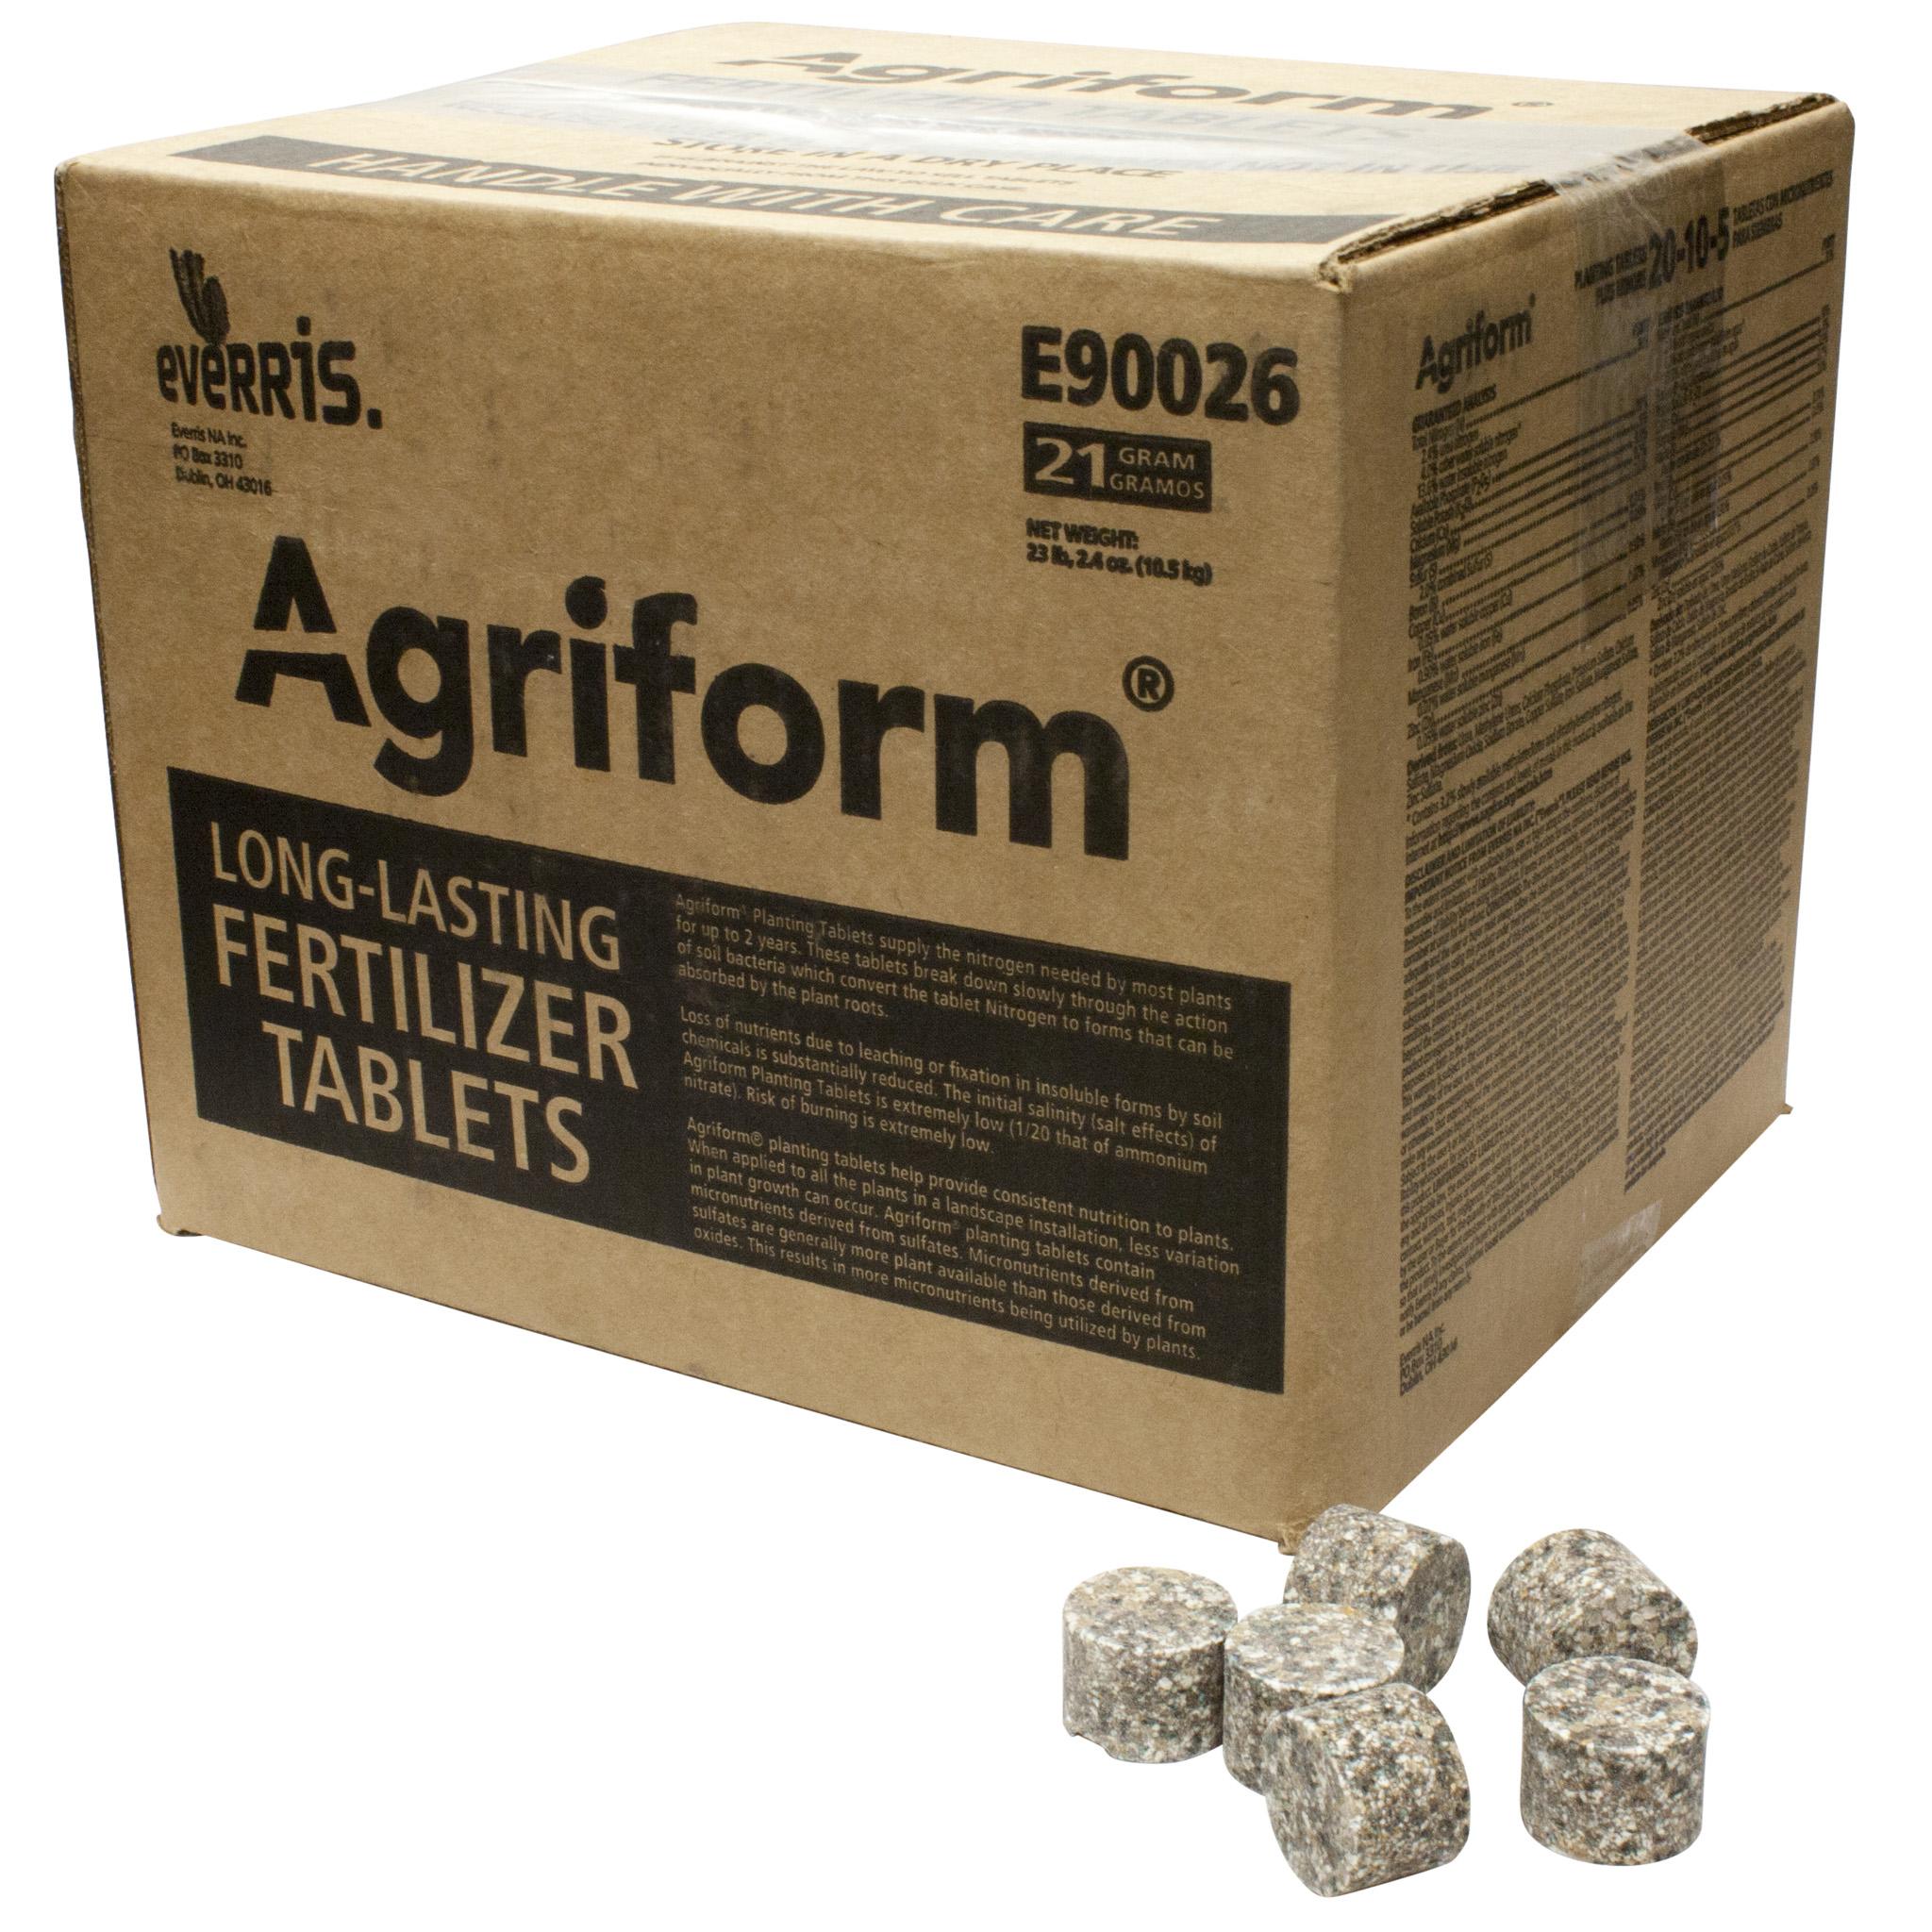 Agriform 20-10-5 Planting Tablets Plus Minors 21 gm. (E90026)